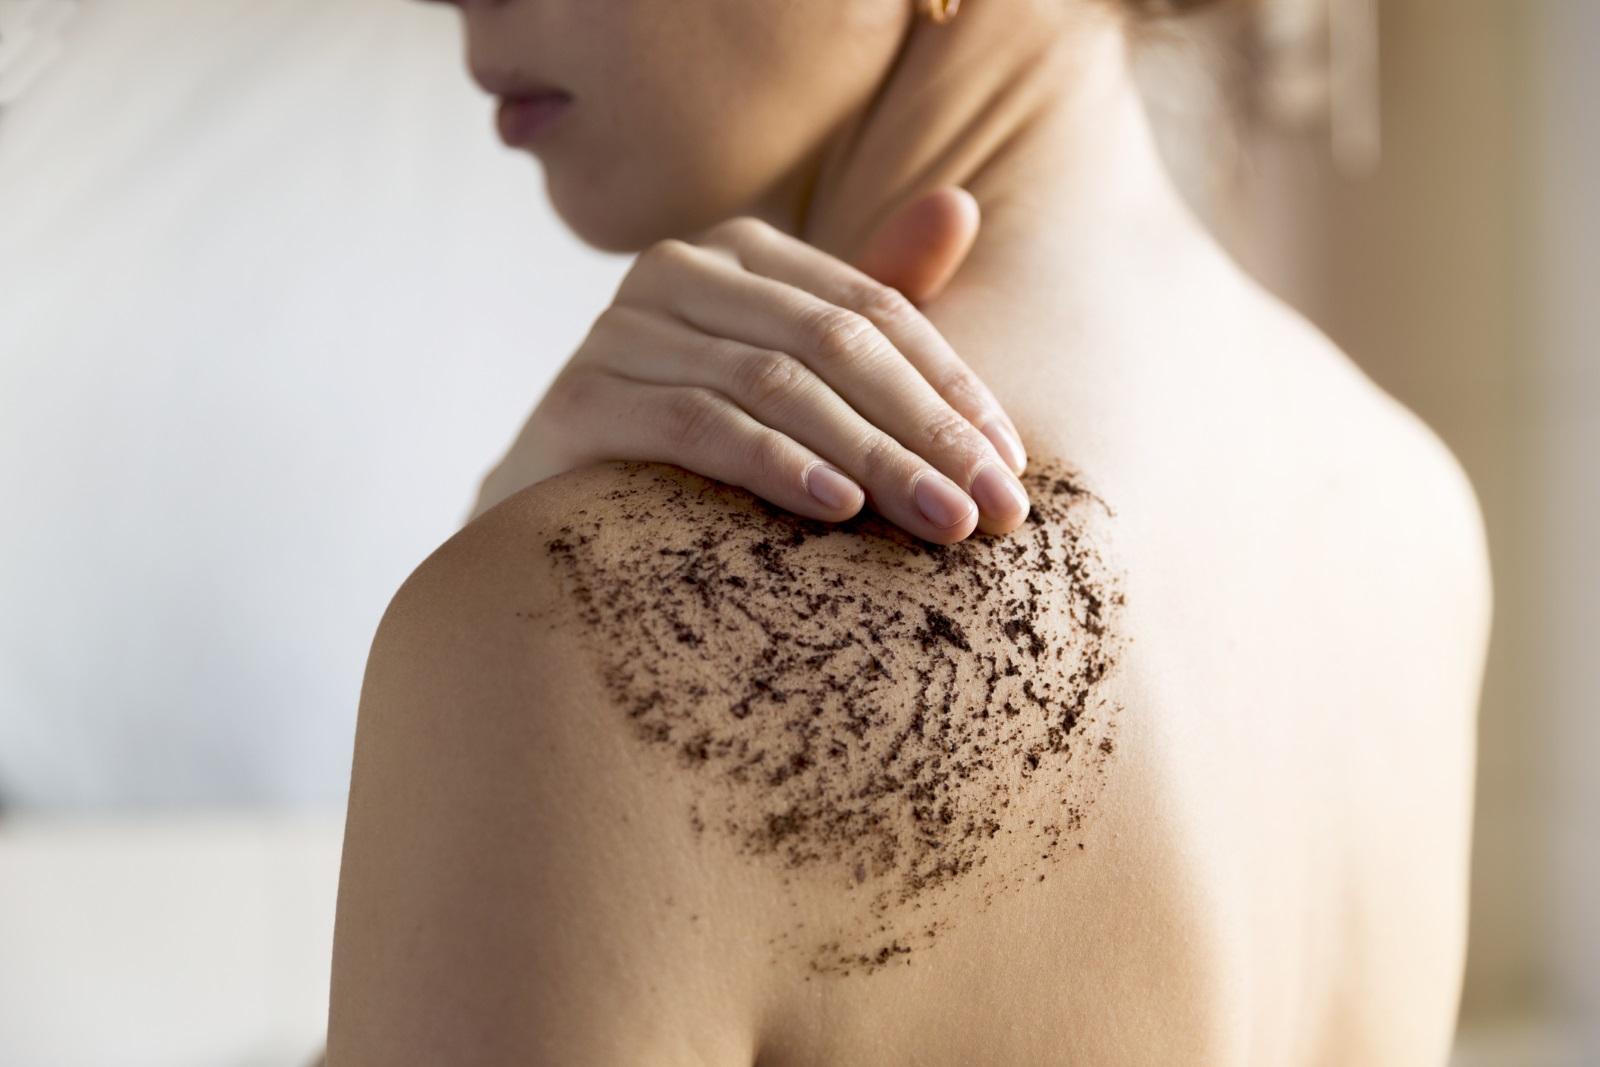 Това е страхотен домашен скраб за тяло, който отнема мъртвите клетки, освежава кожата, прави я по-еластична и сияйна.